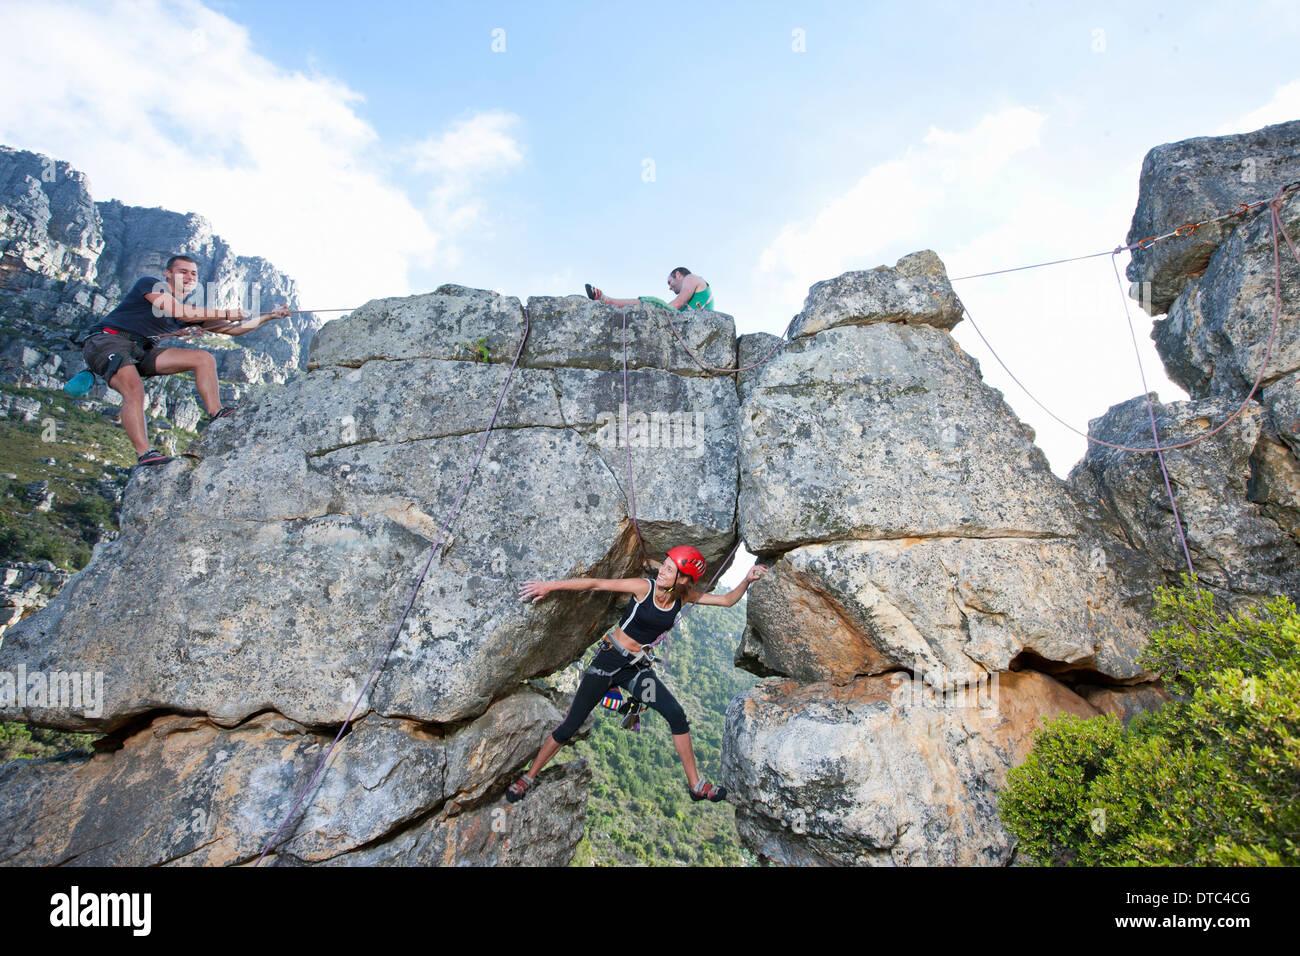 Trois grimpeurs grimper rock formation Banque D'Images